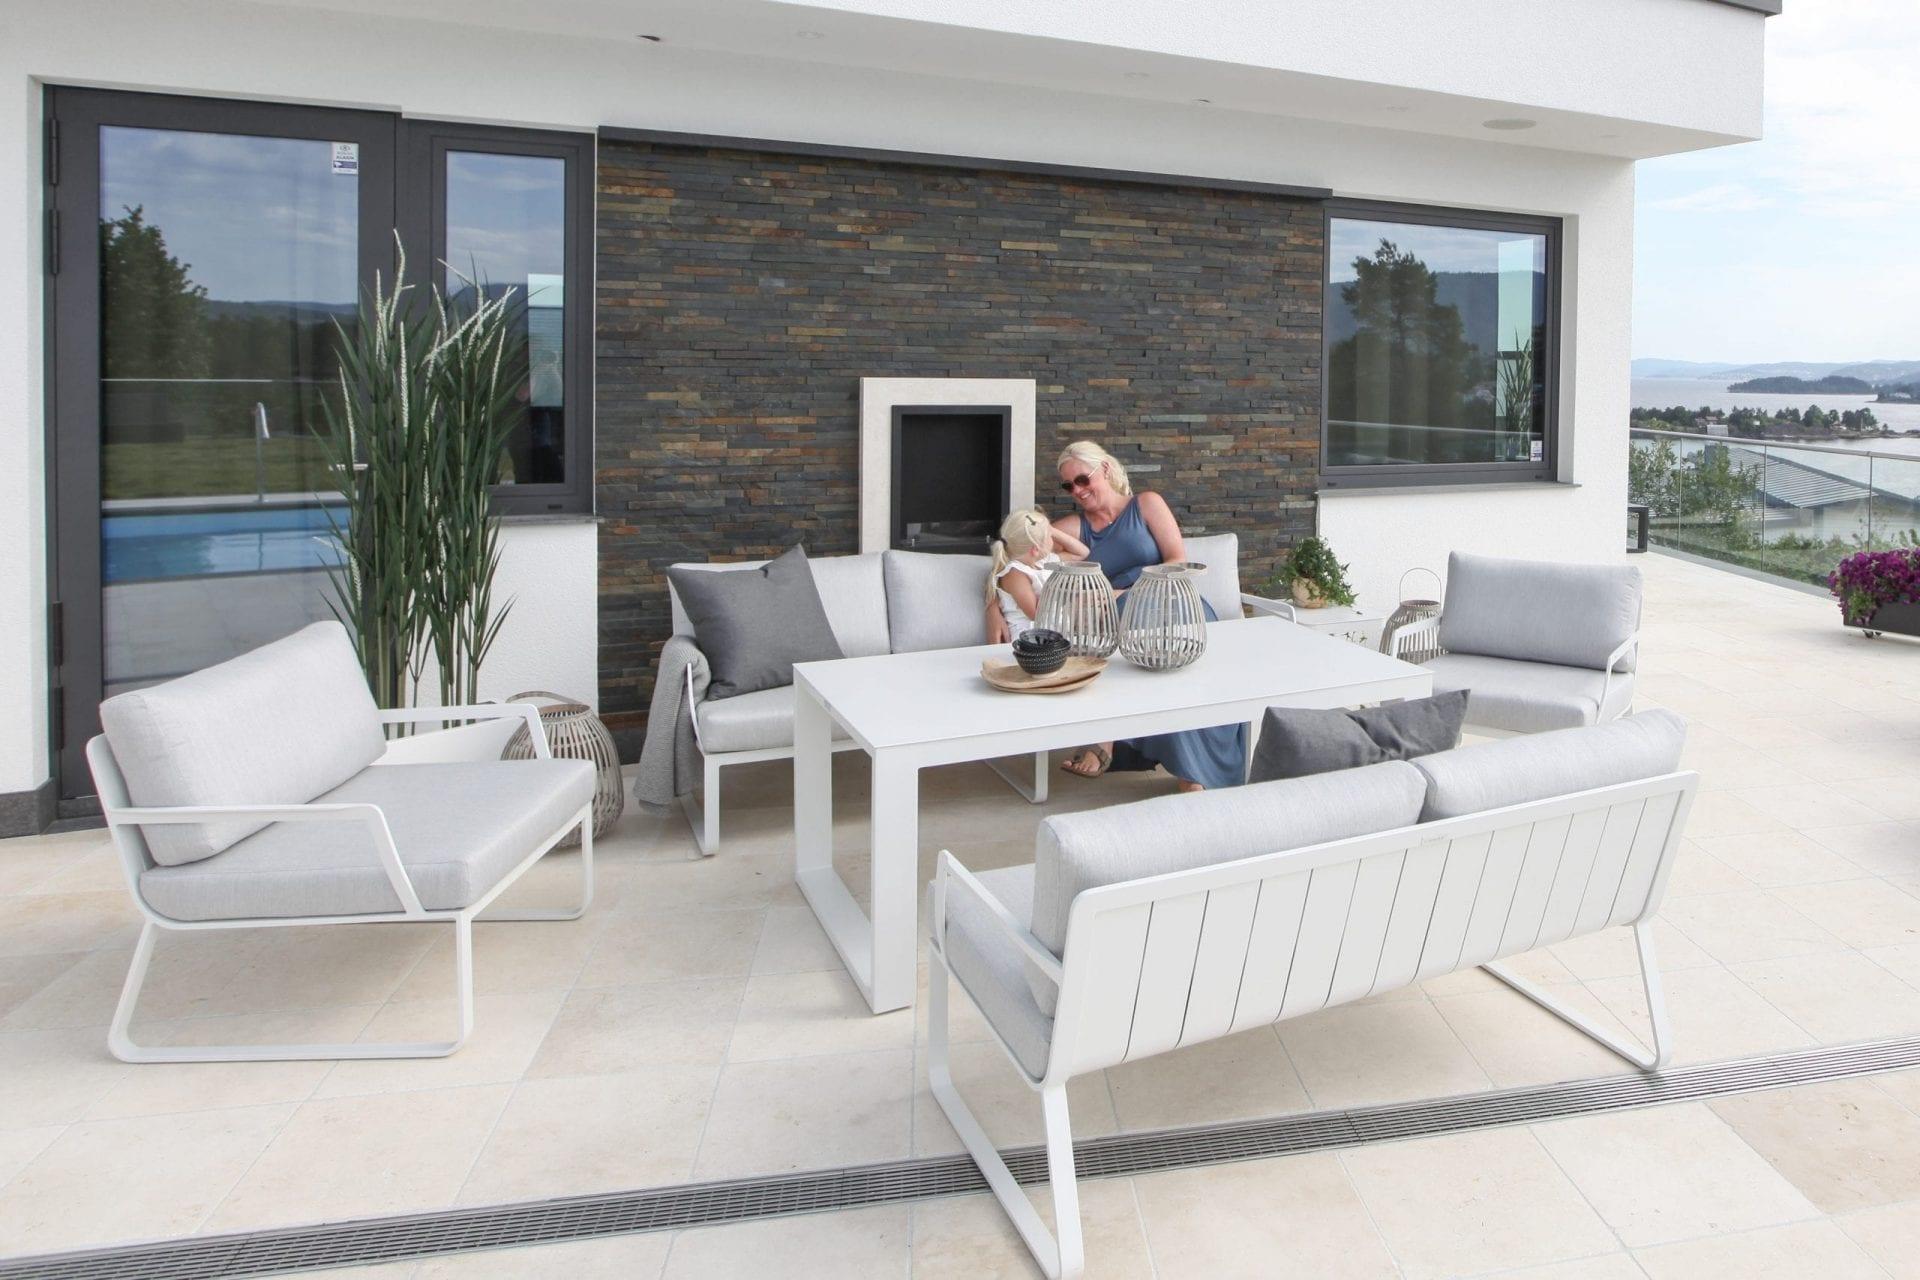 Hagemøbler og utemøbler fra Fine Design. Marianne sitter i en hagesofa sammen med datteren sin.